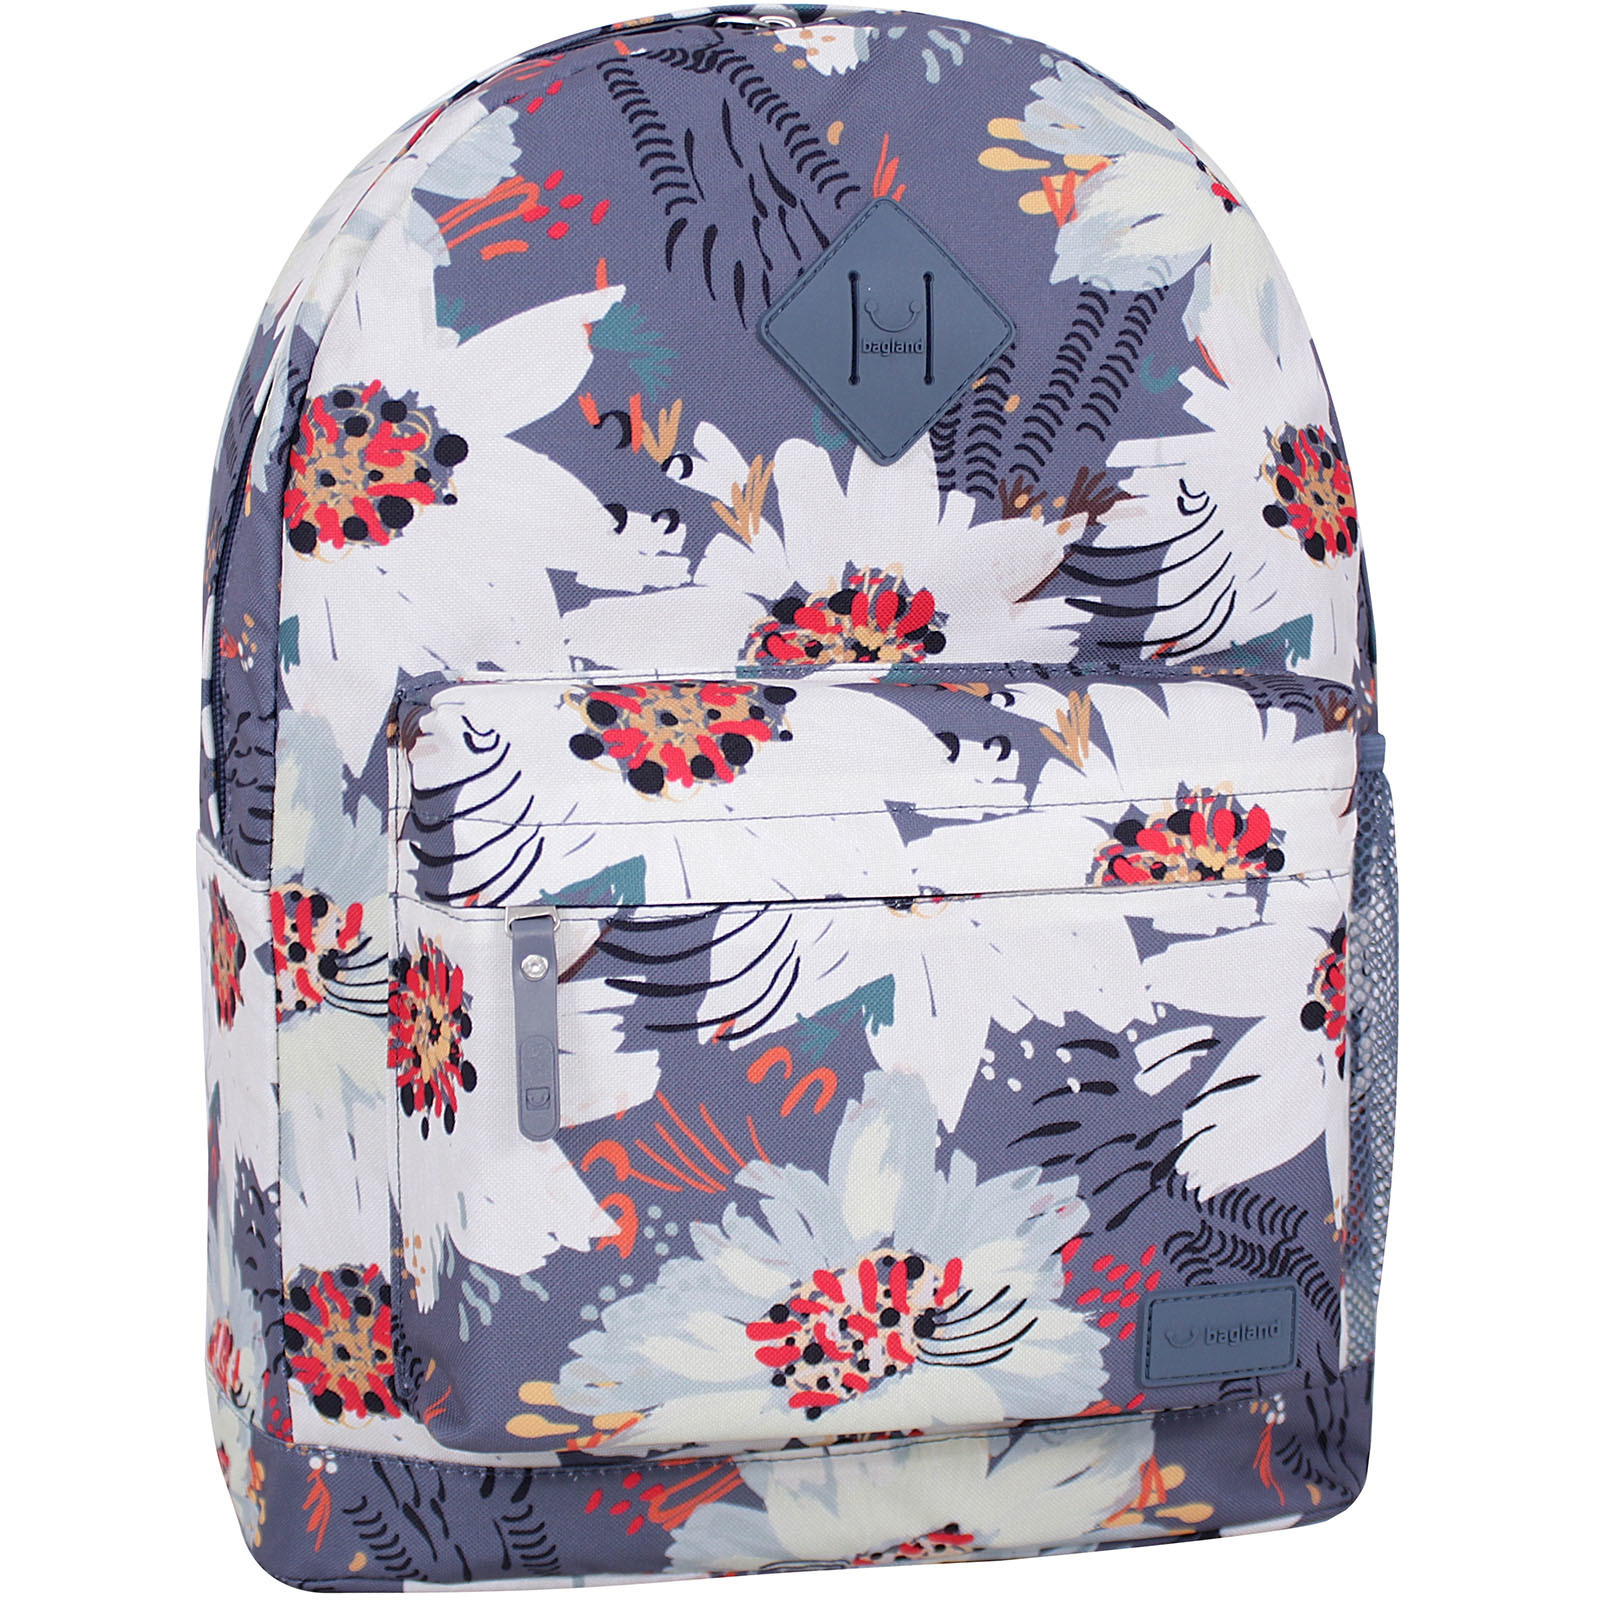 Молодежные рюкзаки Рюкзак Bagland Молодежный 17 л. сублімація 748 (00533664) IMG_7563_суб.748_.JPG